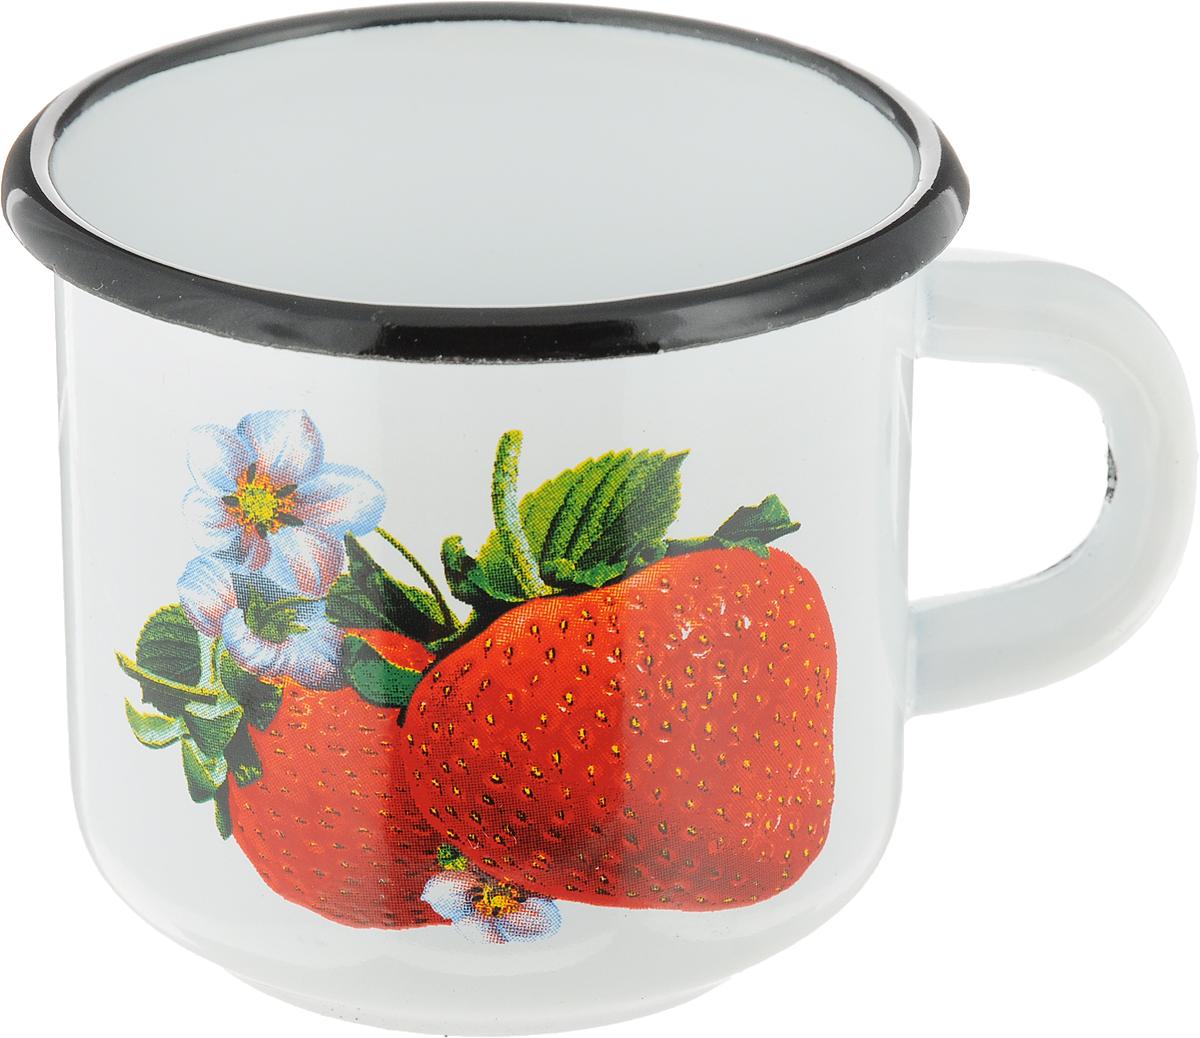 Кружка эмалированная СтальЭмаль Клубника, цвет: белый, красный, 250 мл